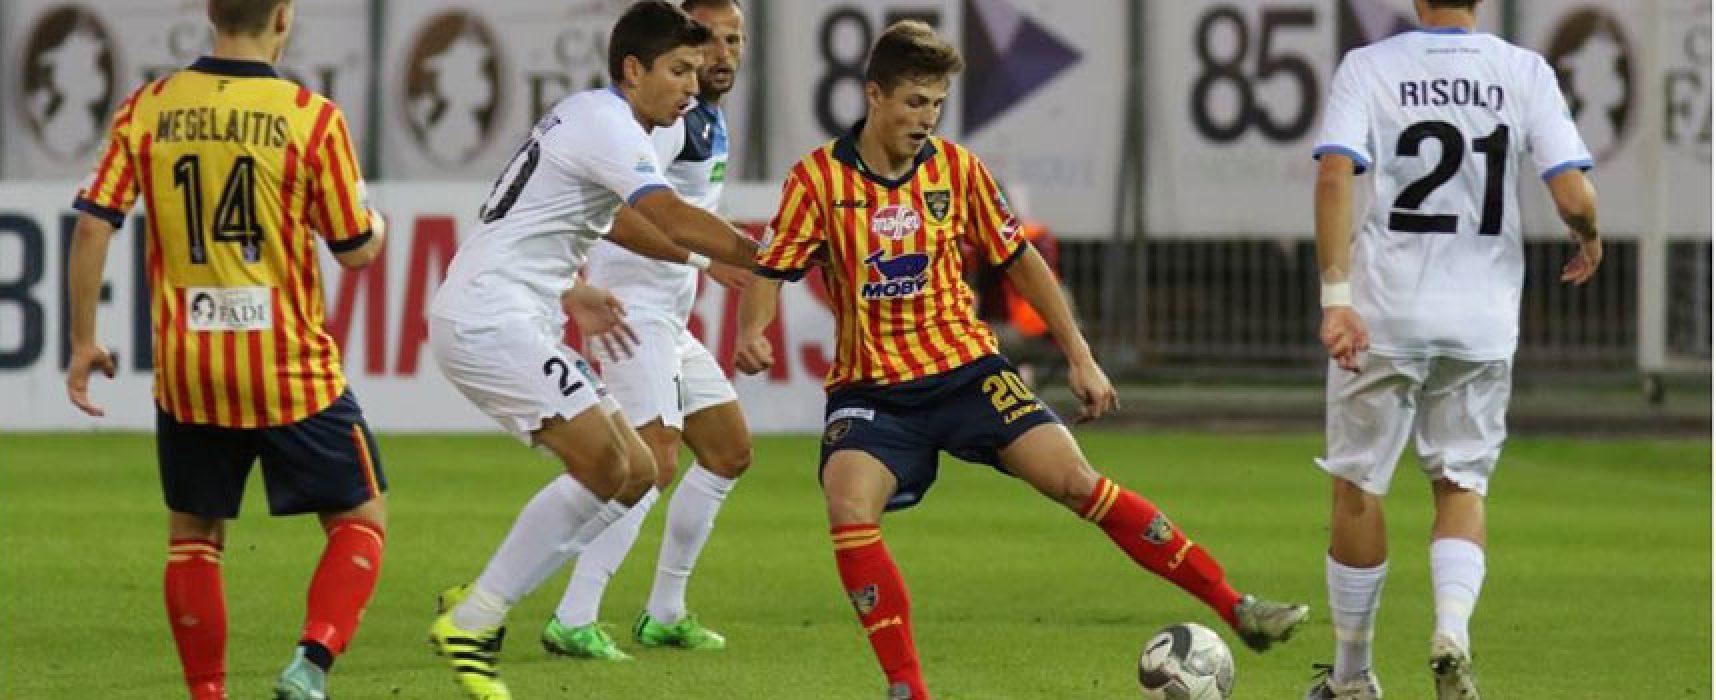 Bisceglie-Lecce anticipo televisivo su Sportitalia, oggi test amichevole